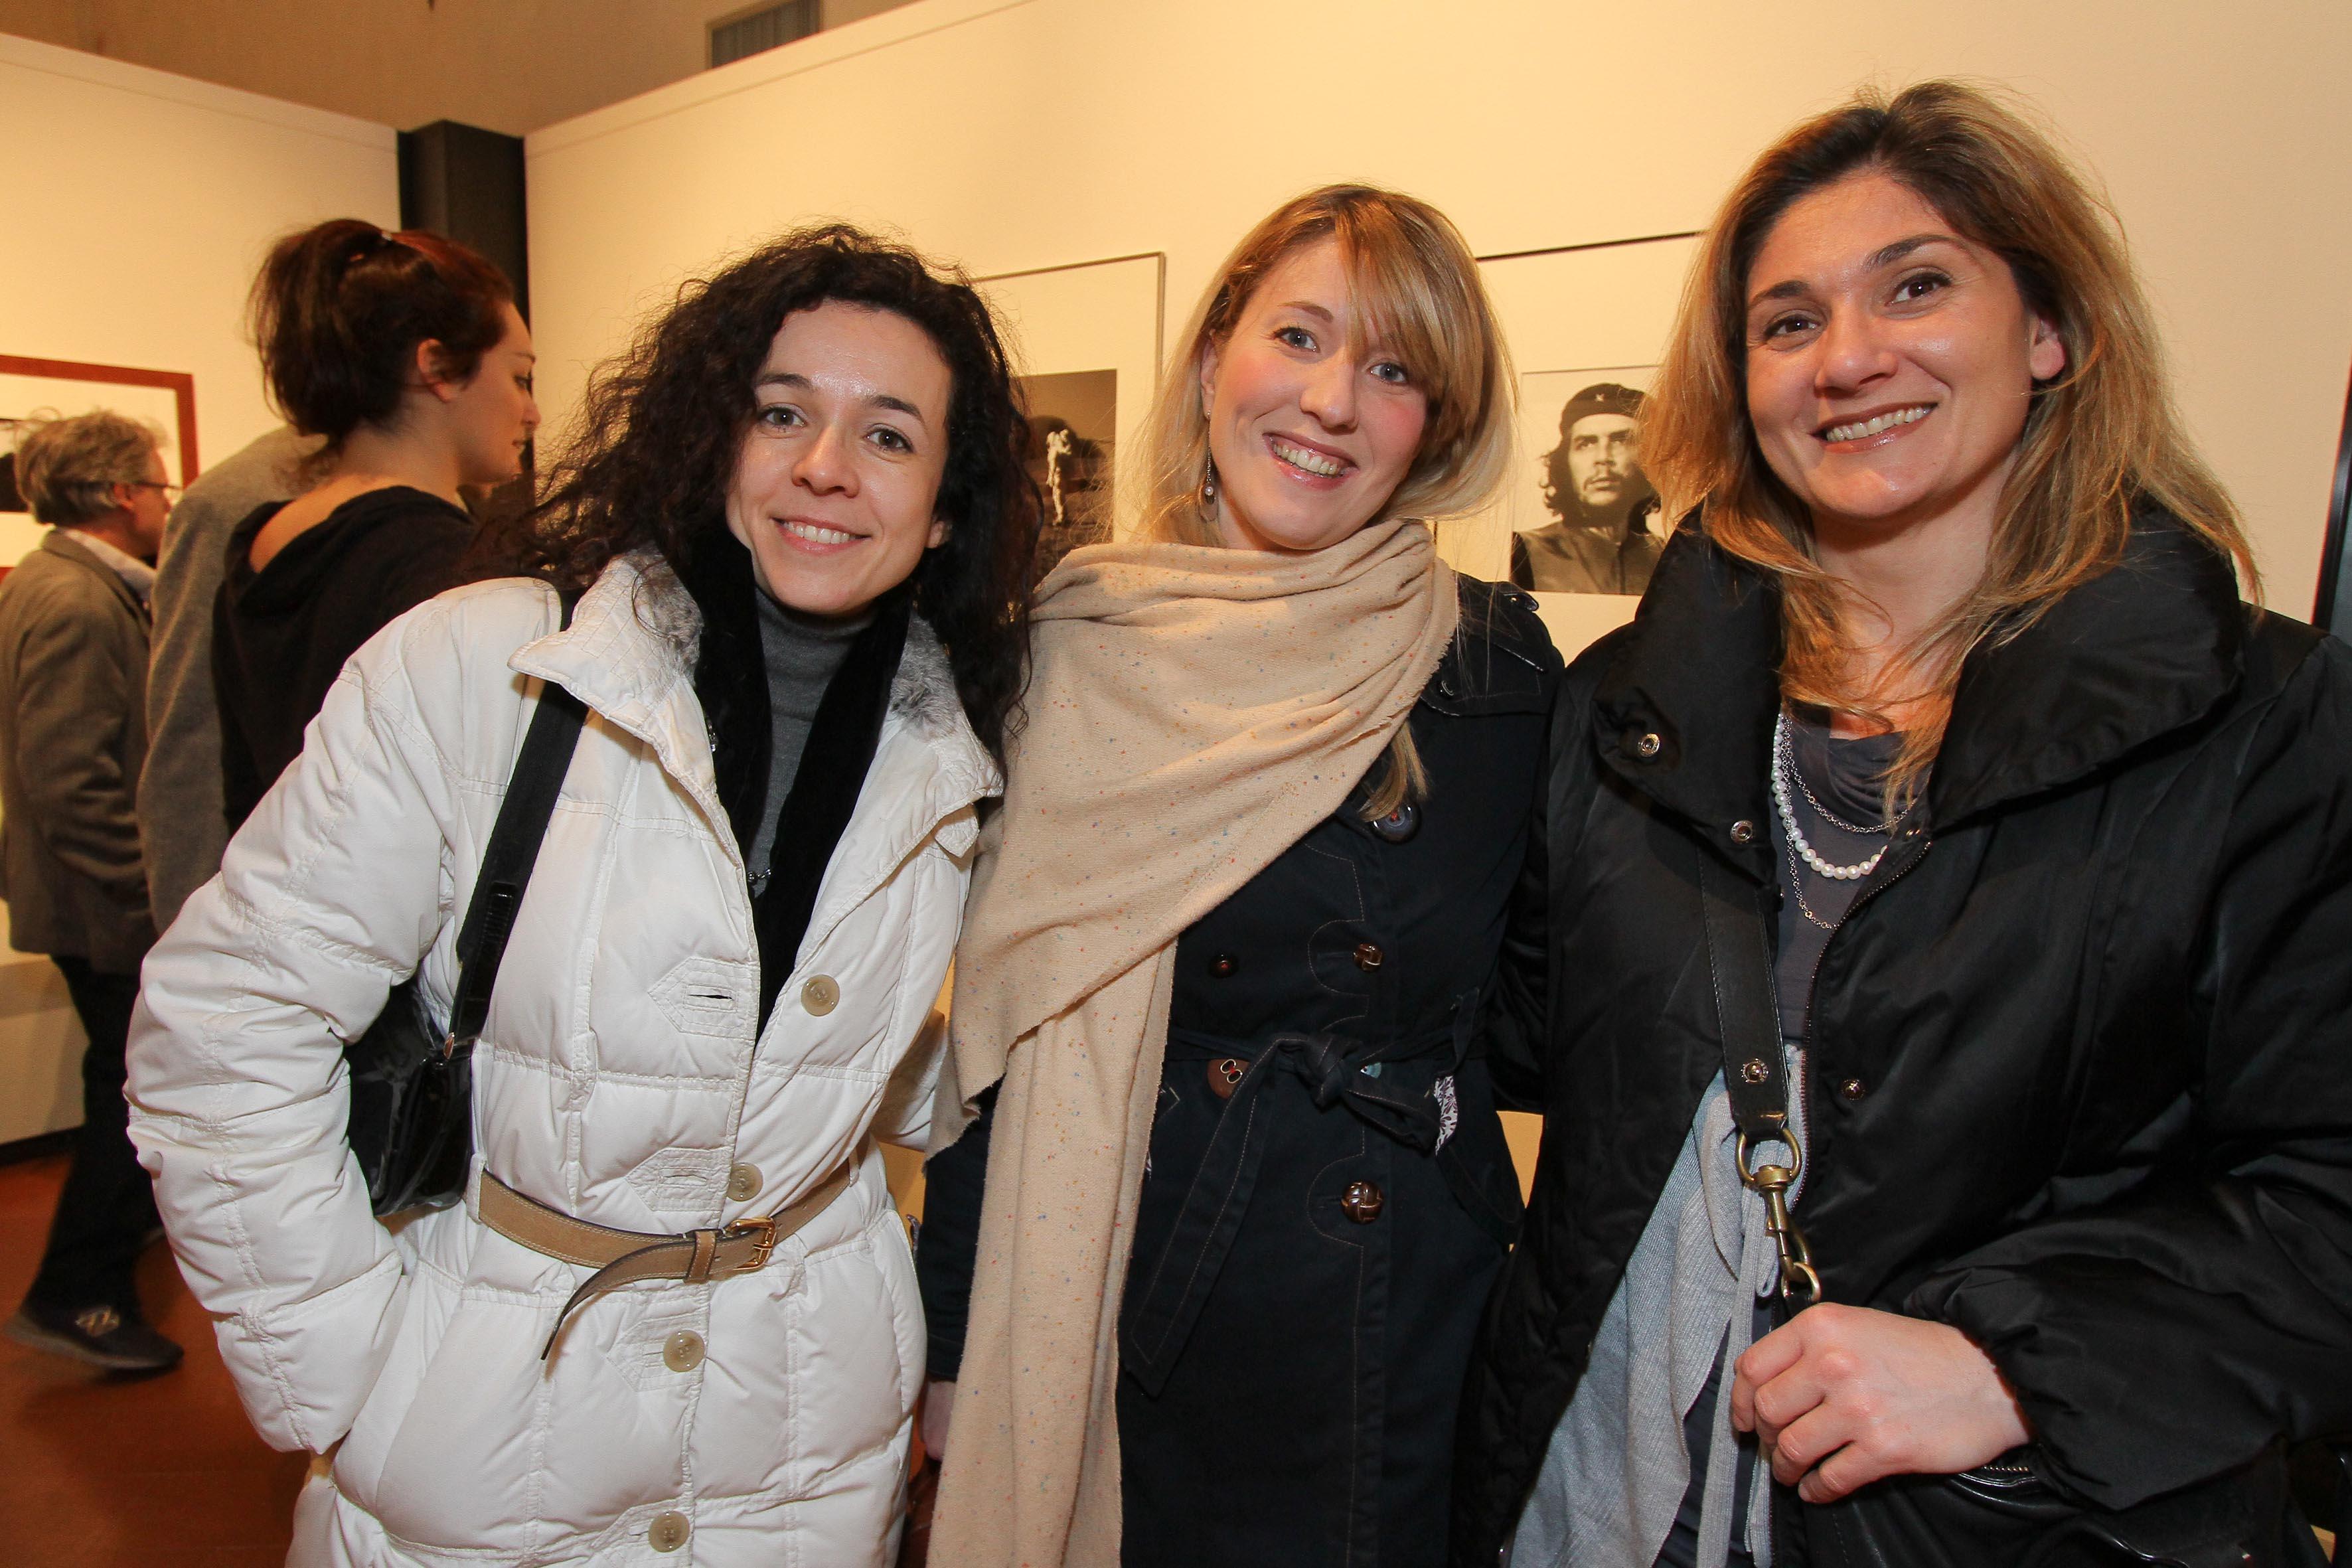 PRESSPHOTO Firenze, Museo Alinari, mostra fotografica Controverses. nella foto Paola Marchetti, Ilaria Calamandrei e Giada Cantini